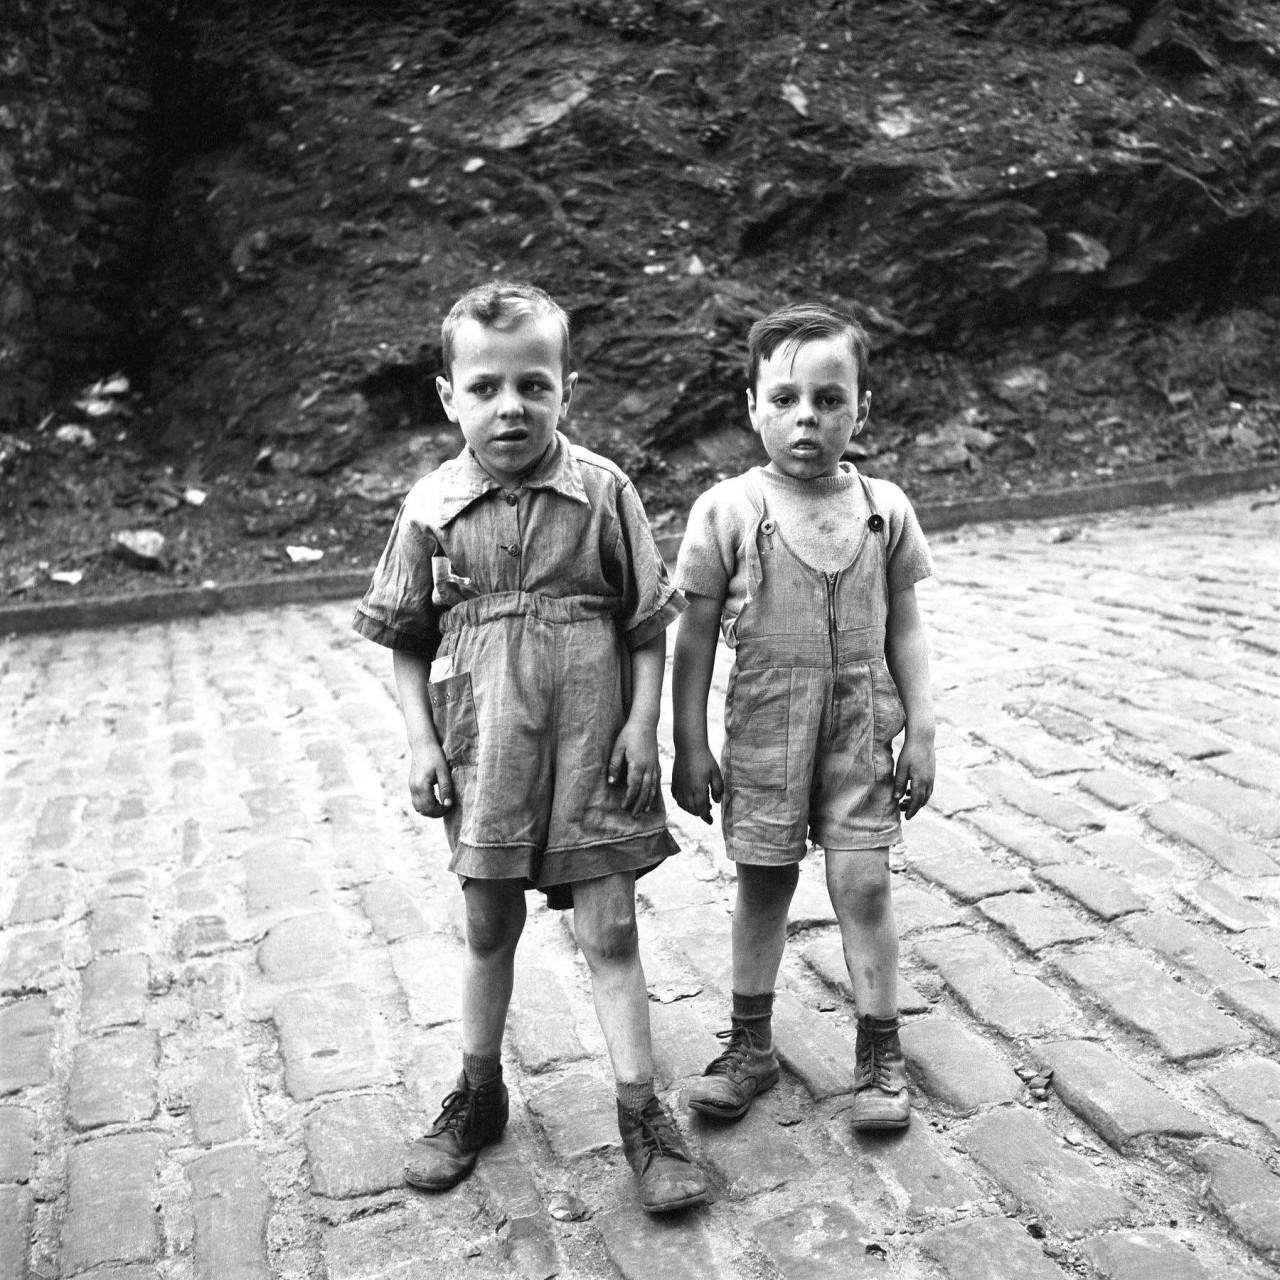 Детский уличный портрет. Фотограф Вивиан Майер